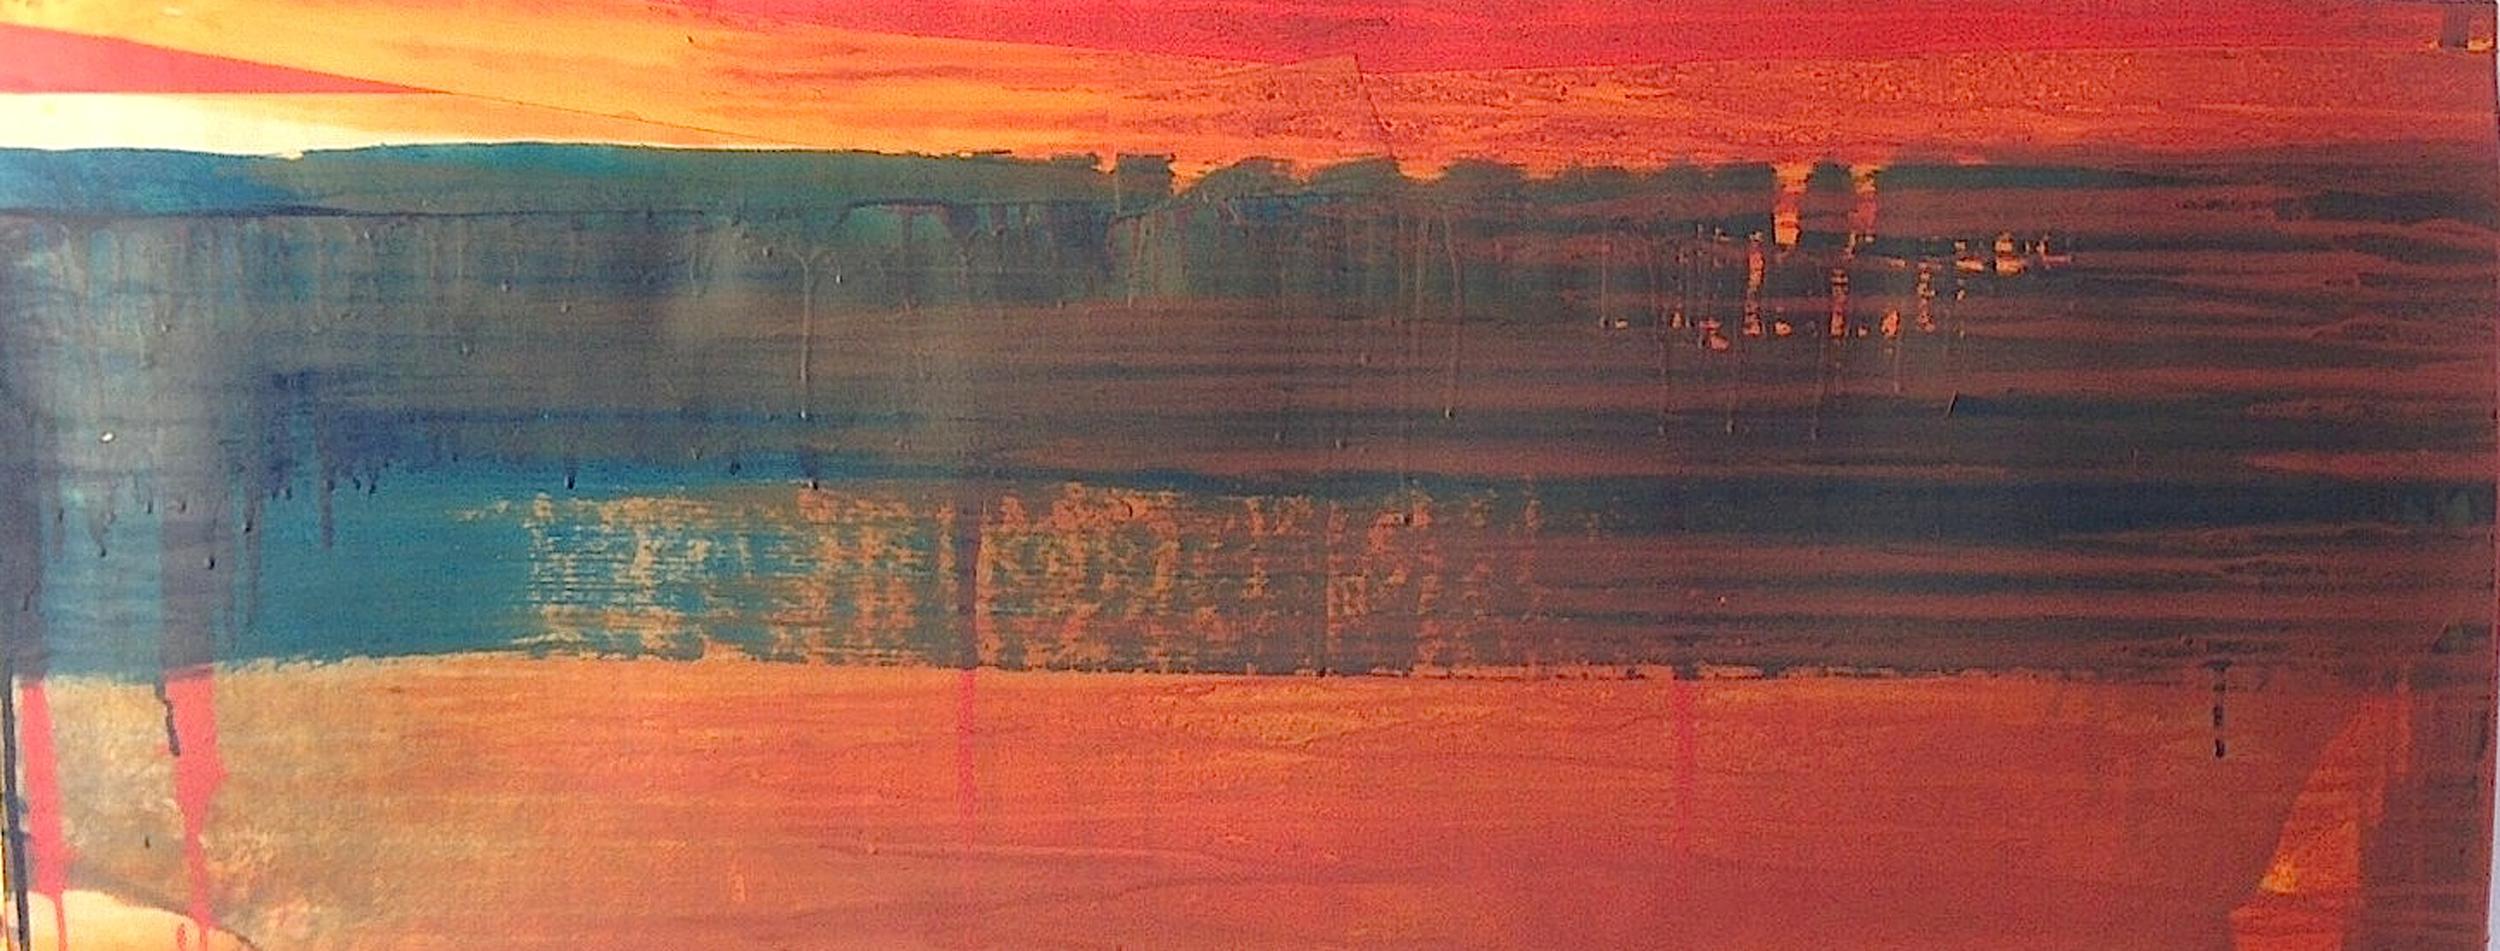 OrangeFire slideshow.jpg